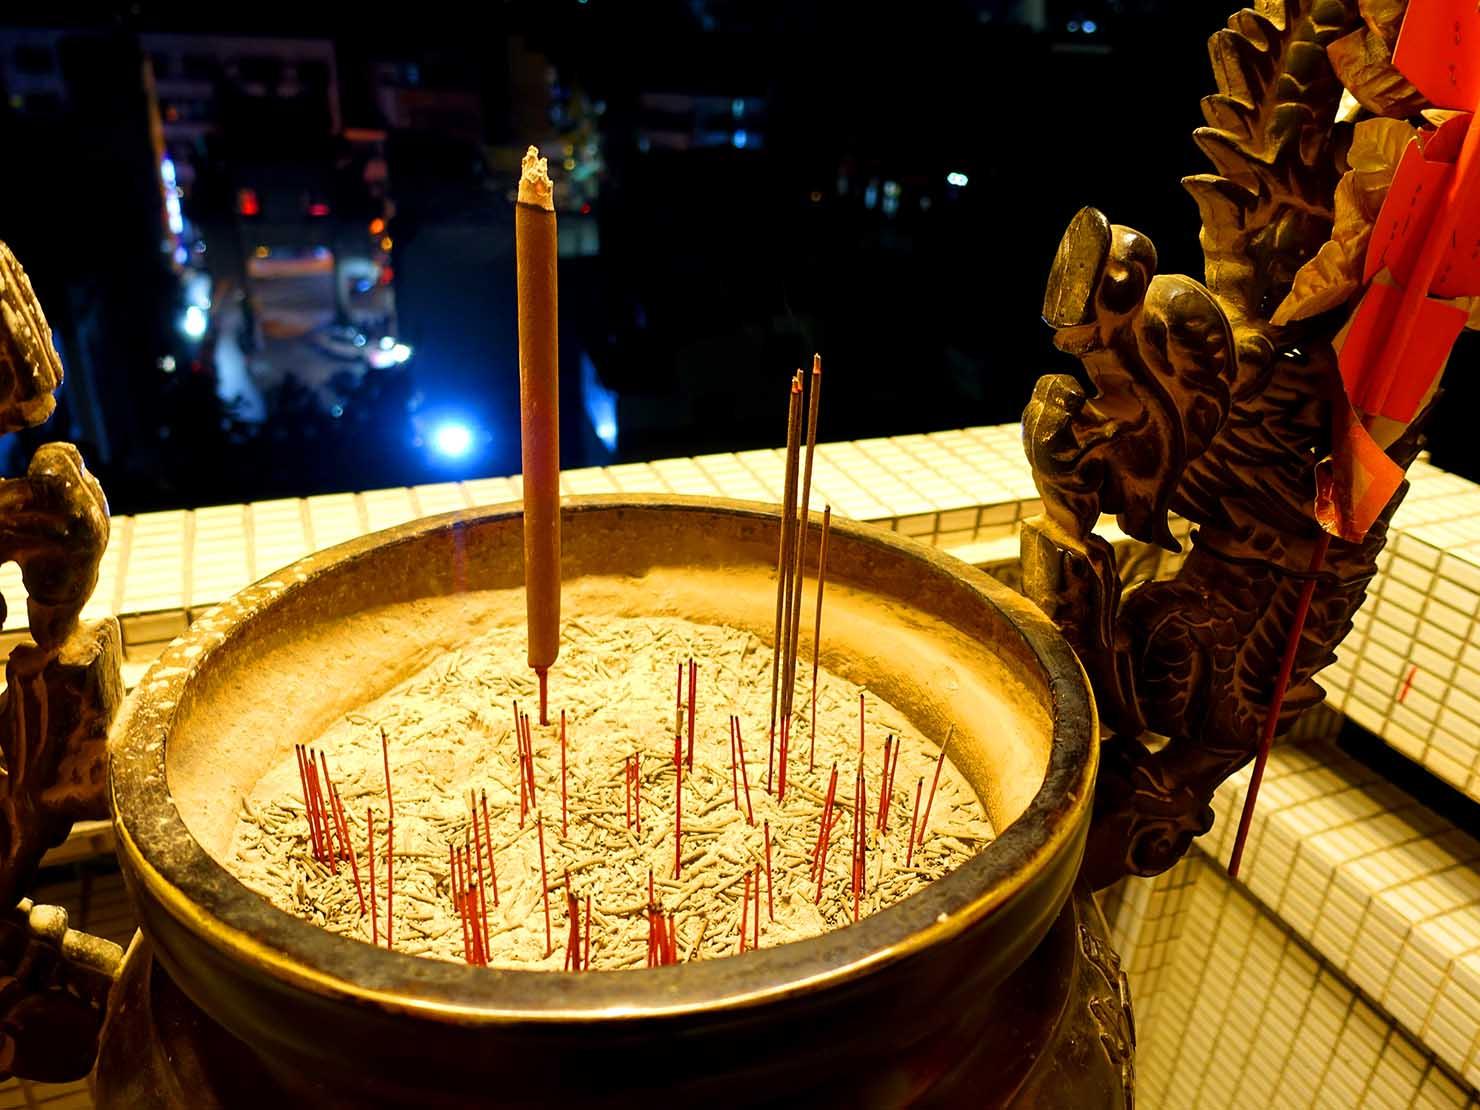 嘉義のおすすめ観光スポット「嘉義城隍廟」に捧げられたお線香